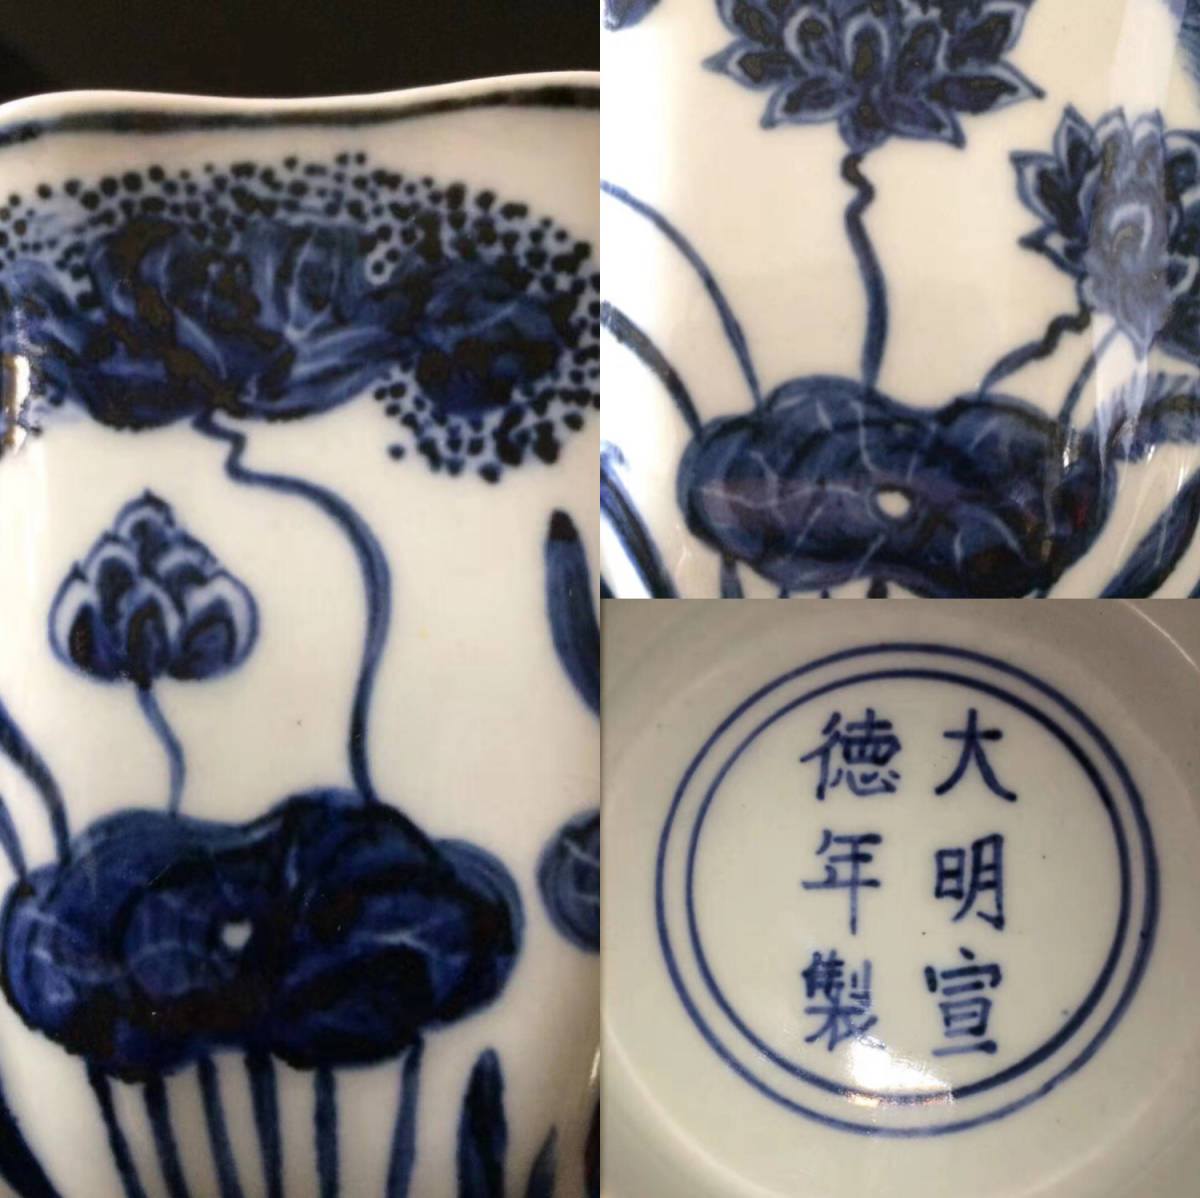 大明 宣徳年製款 青花魚藻紋鉢 GZ-14-日本代购网图片9链接